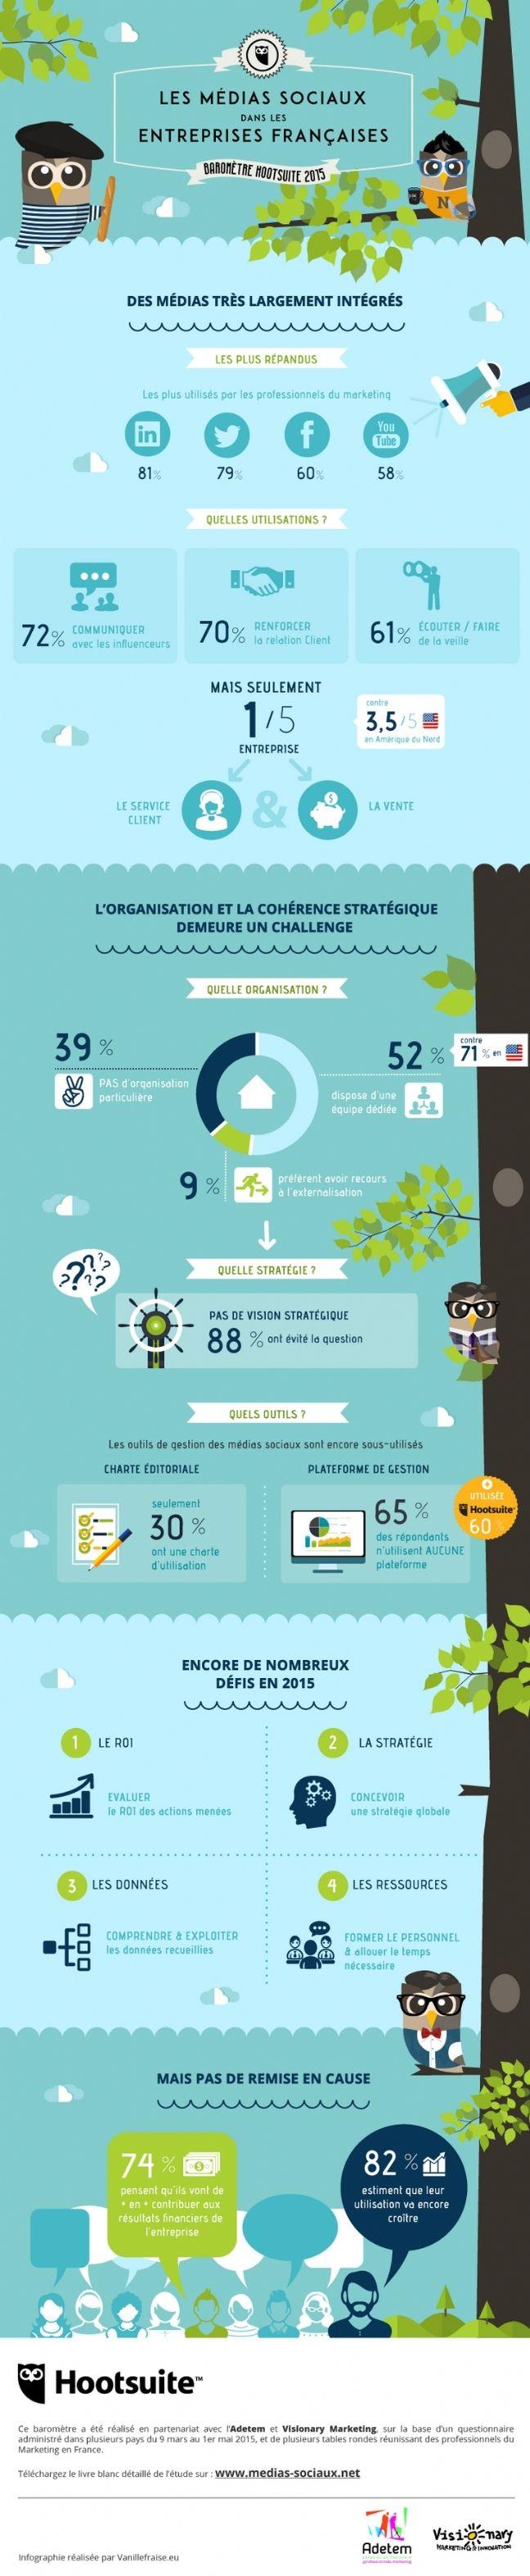 Infographie | Médias sociaux : les défis à relever